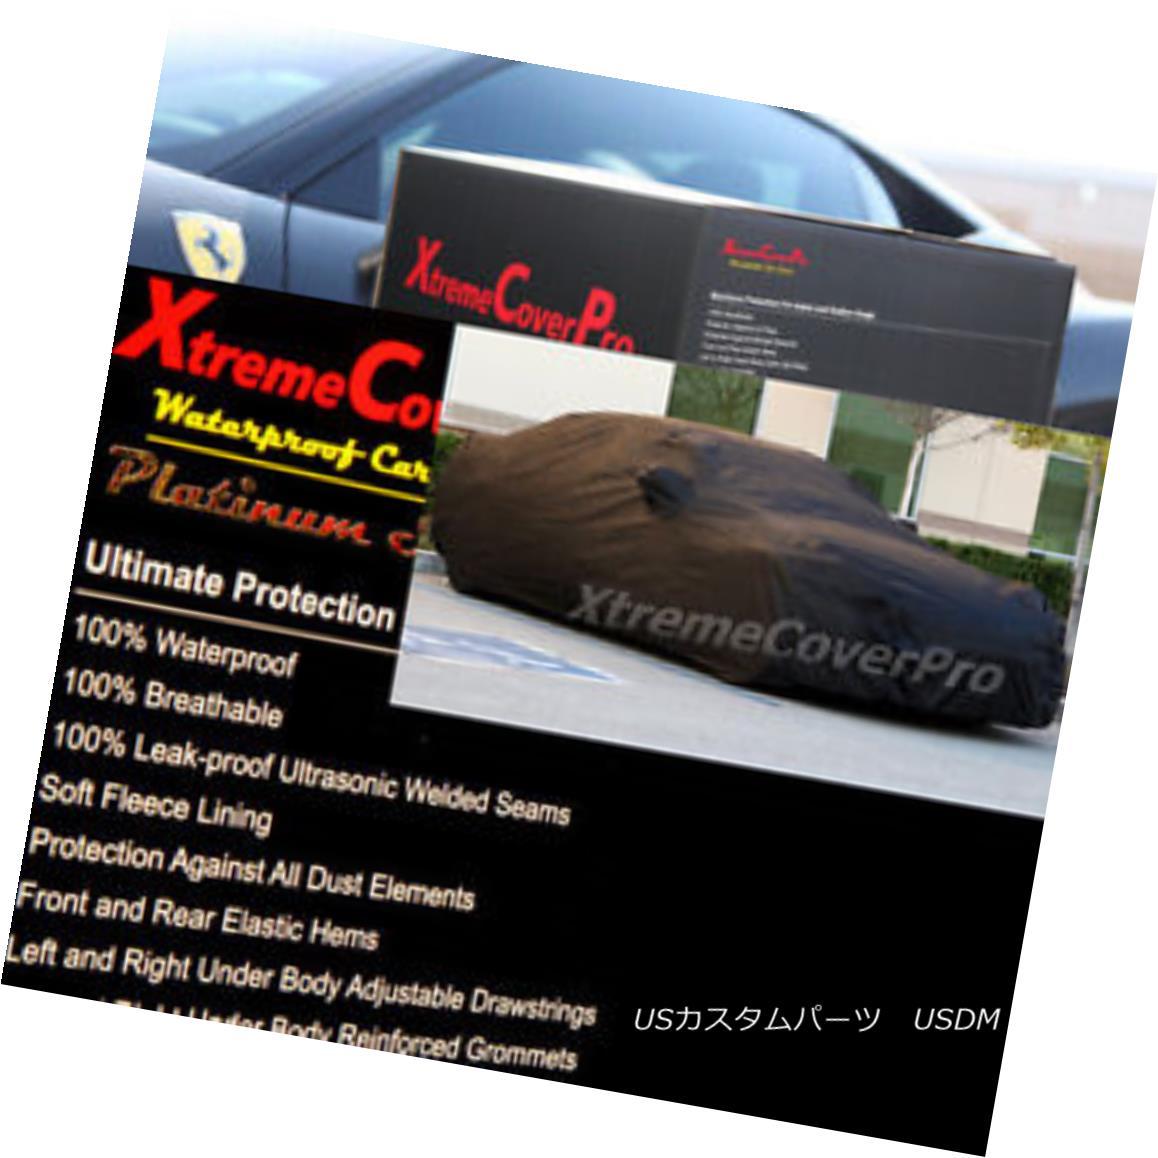 カーカバー 2014 Jaguar XJ LWB Waterproof Car Cover w/ Mirror Pocket 2014ジャガーXJ LWBミラーポケット付き防水カーカバー